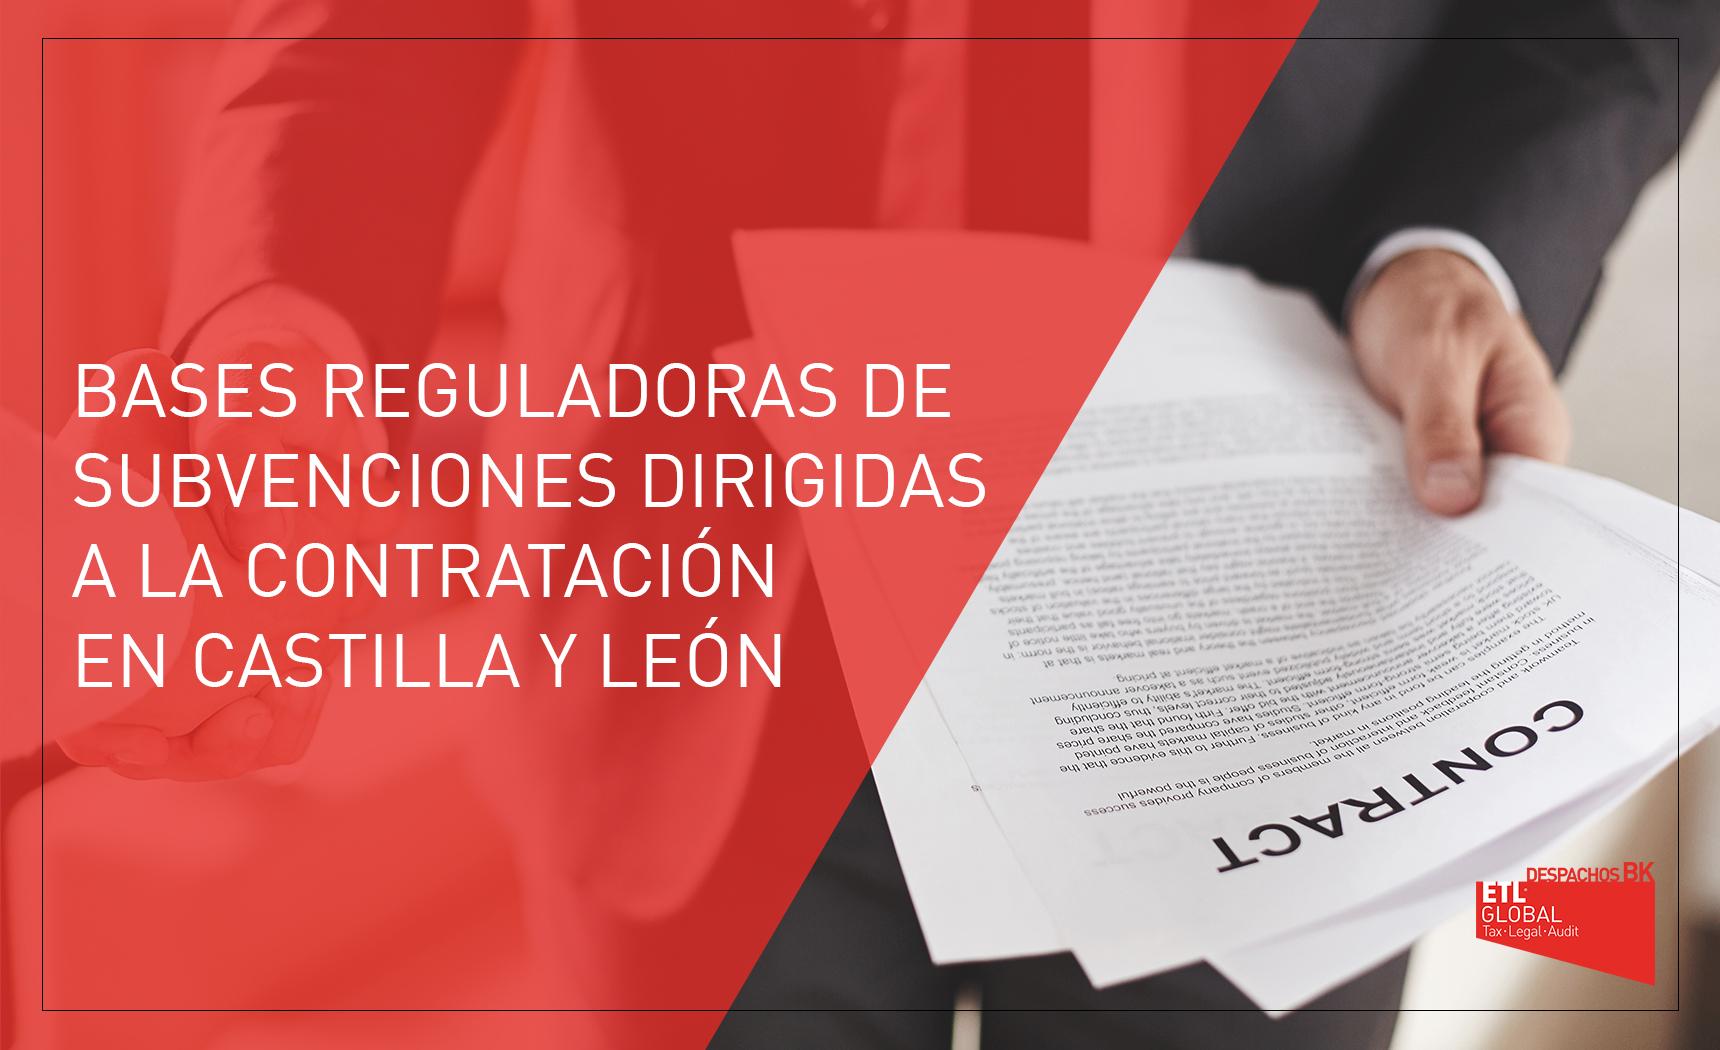 SUBVENCIONES PARA CONTRATACION EN CASTILLA Y LEON